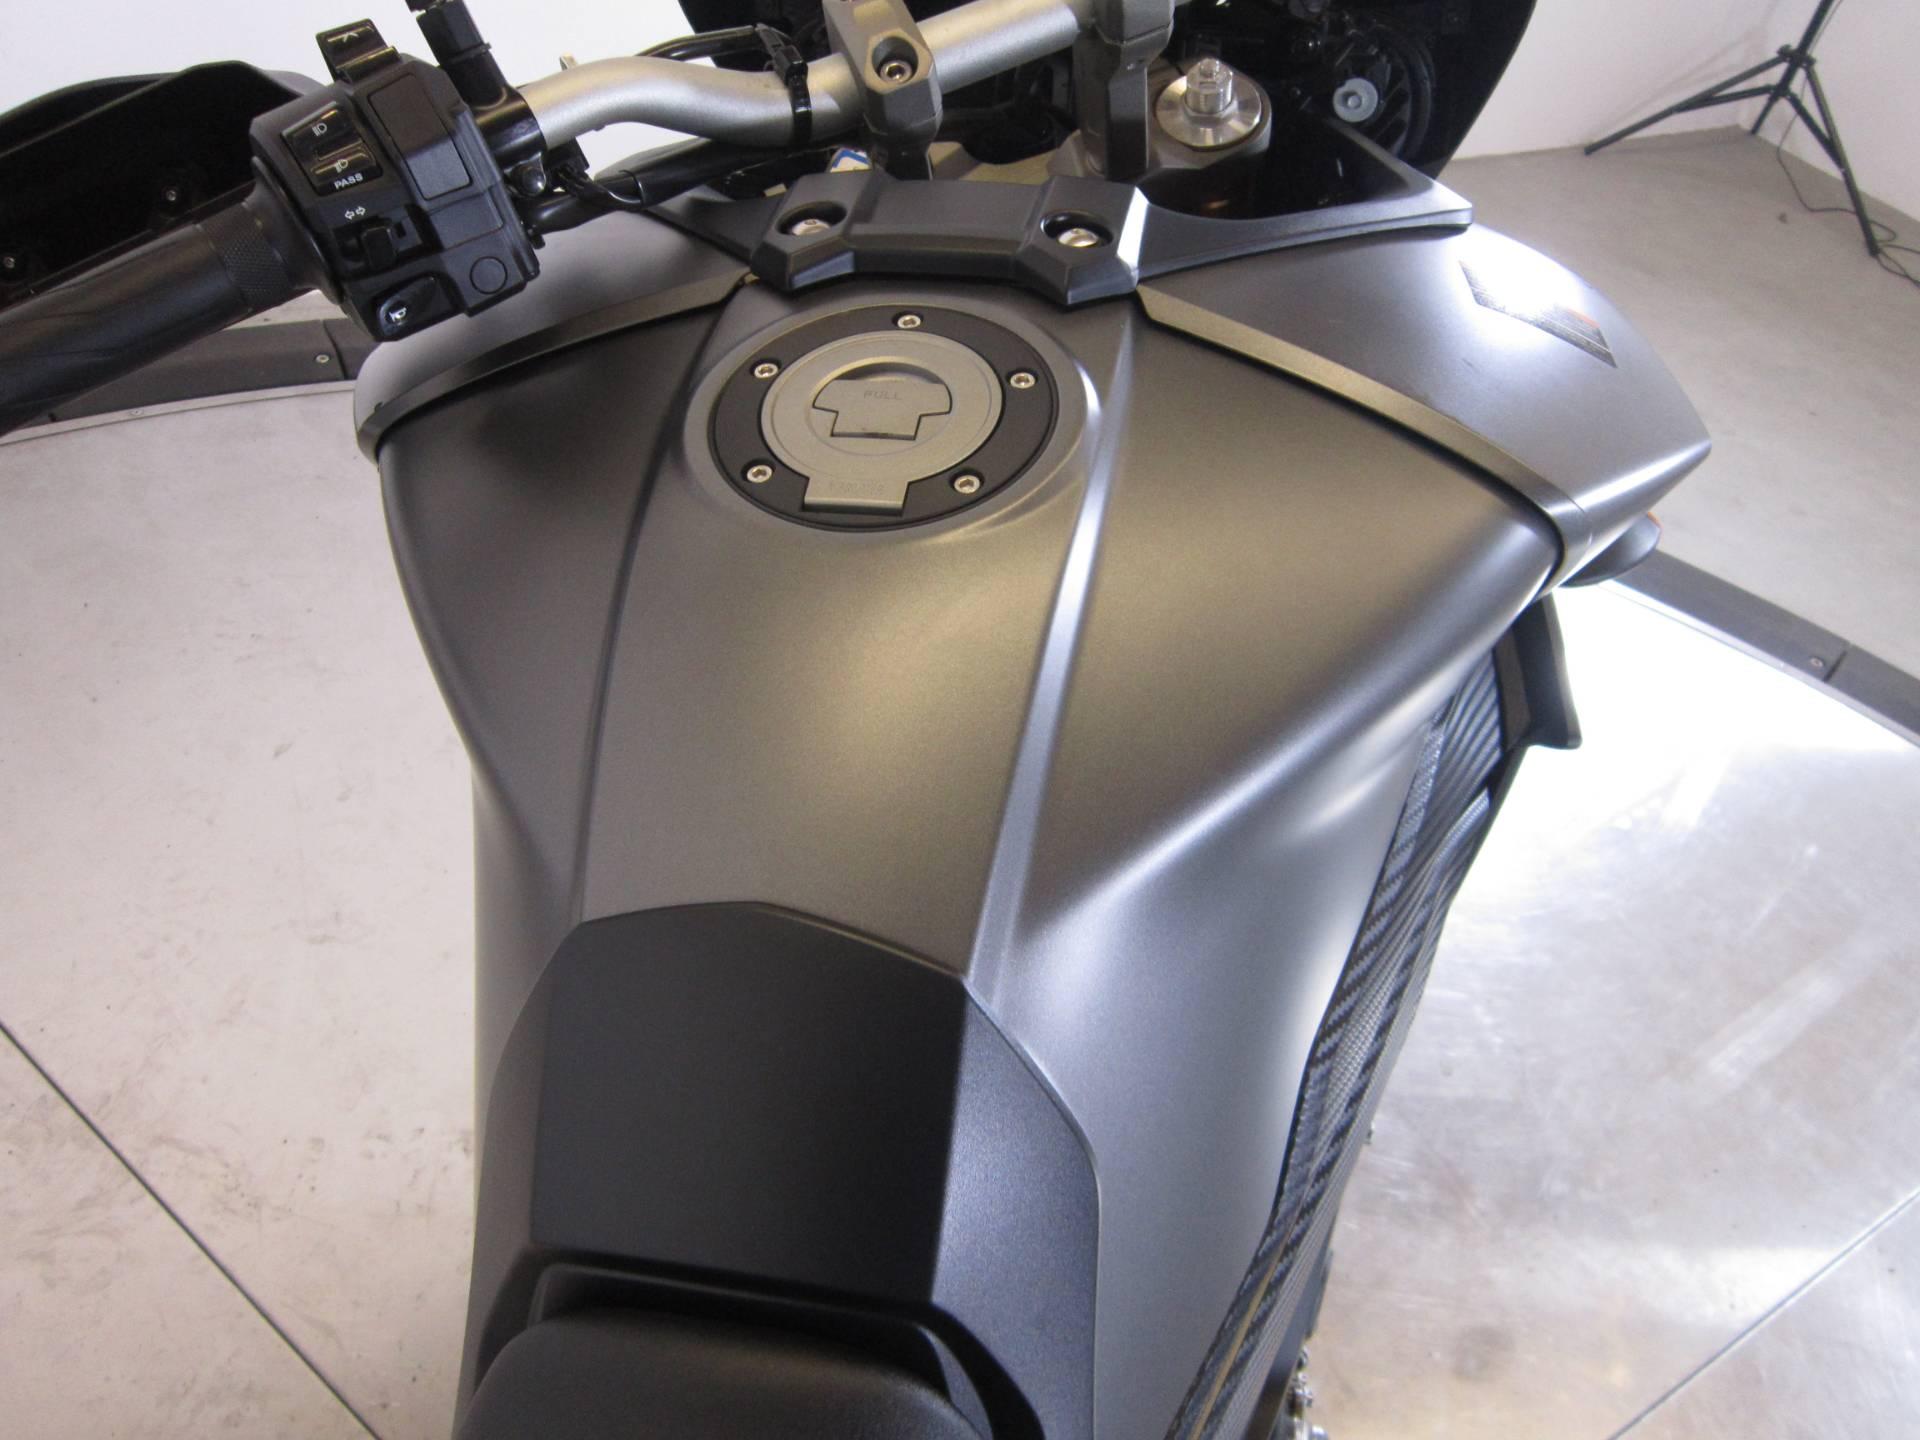 2015 Yamaha FJ-09 11